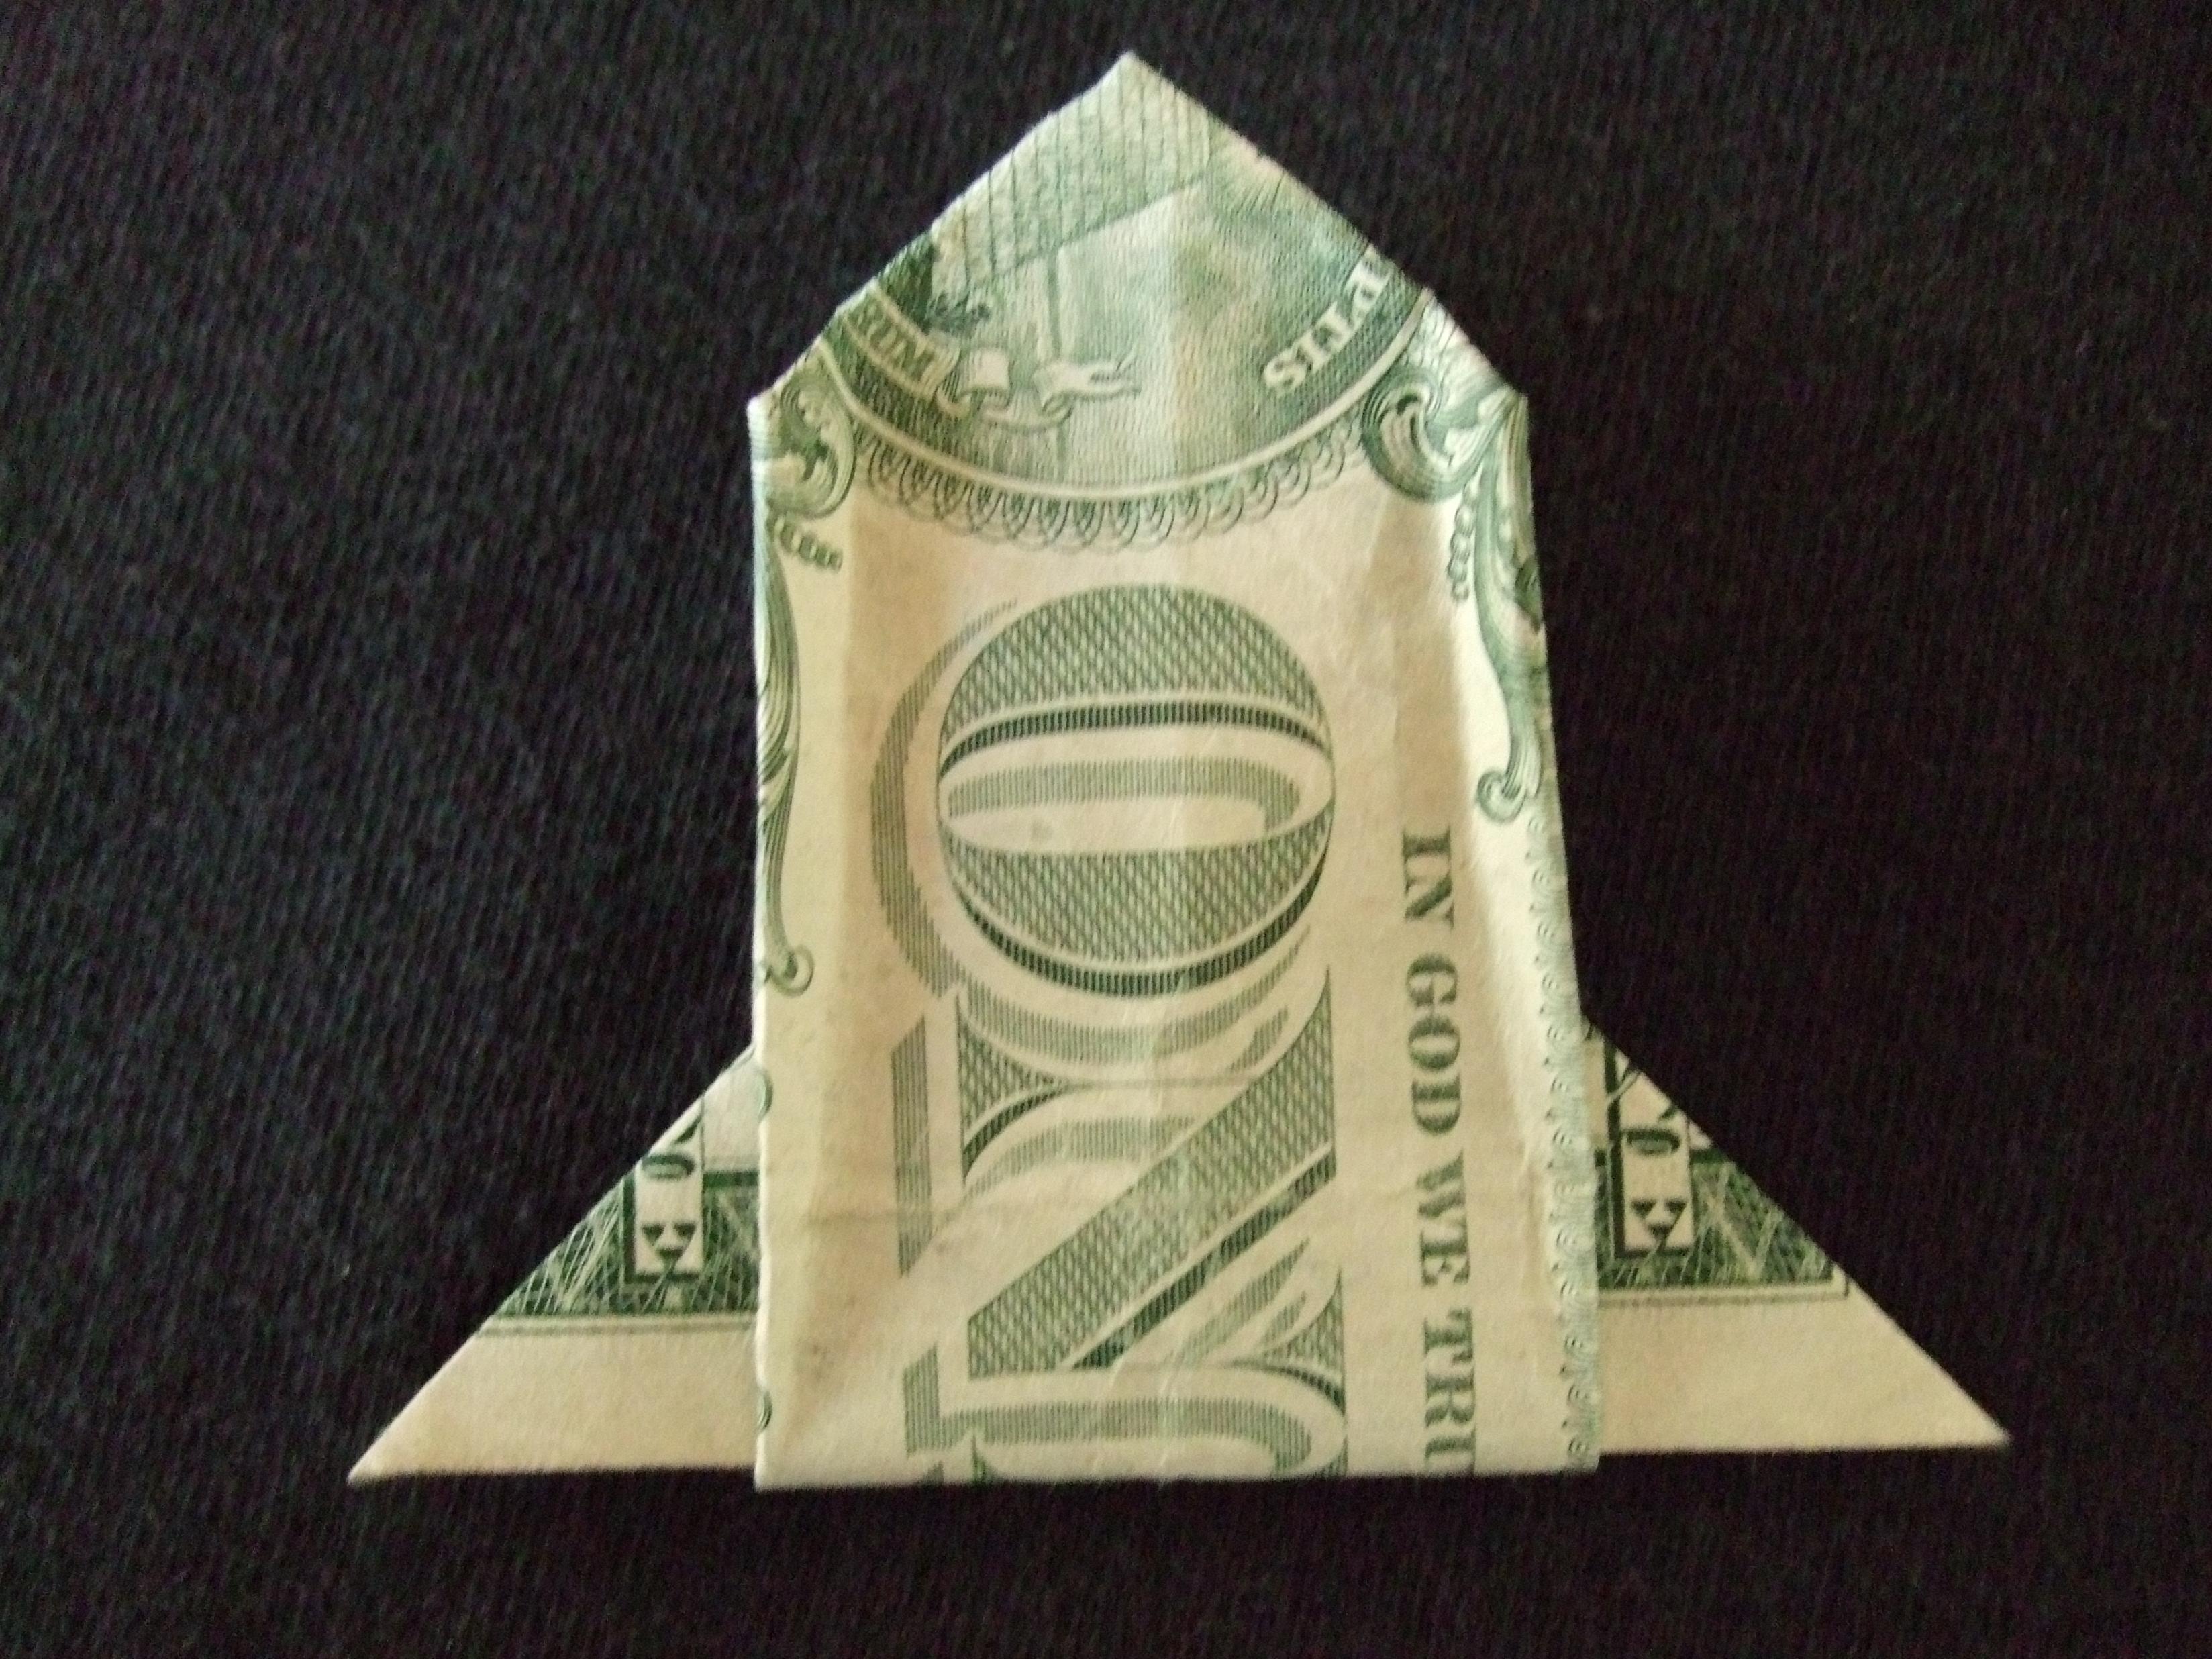 Zack S Money Folds